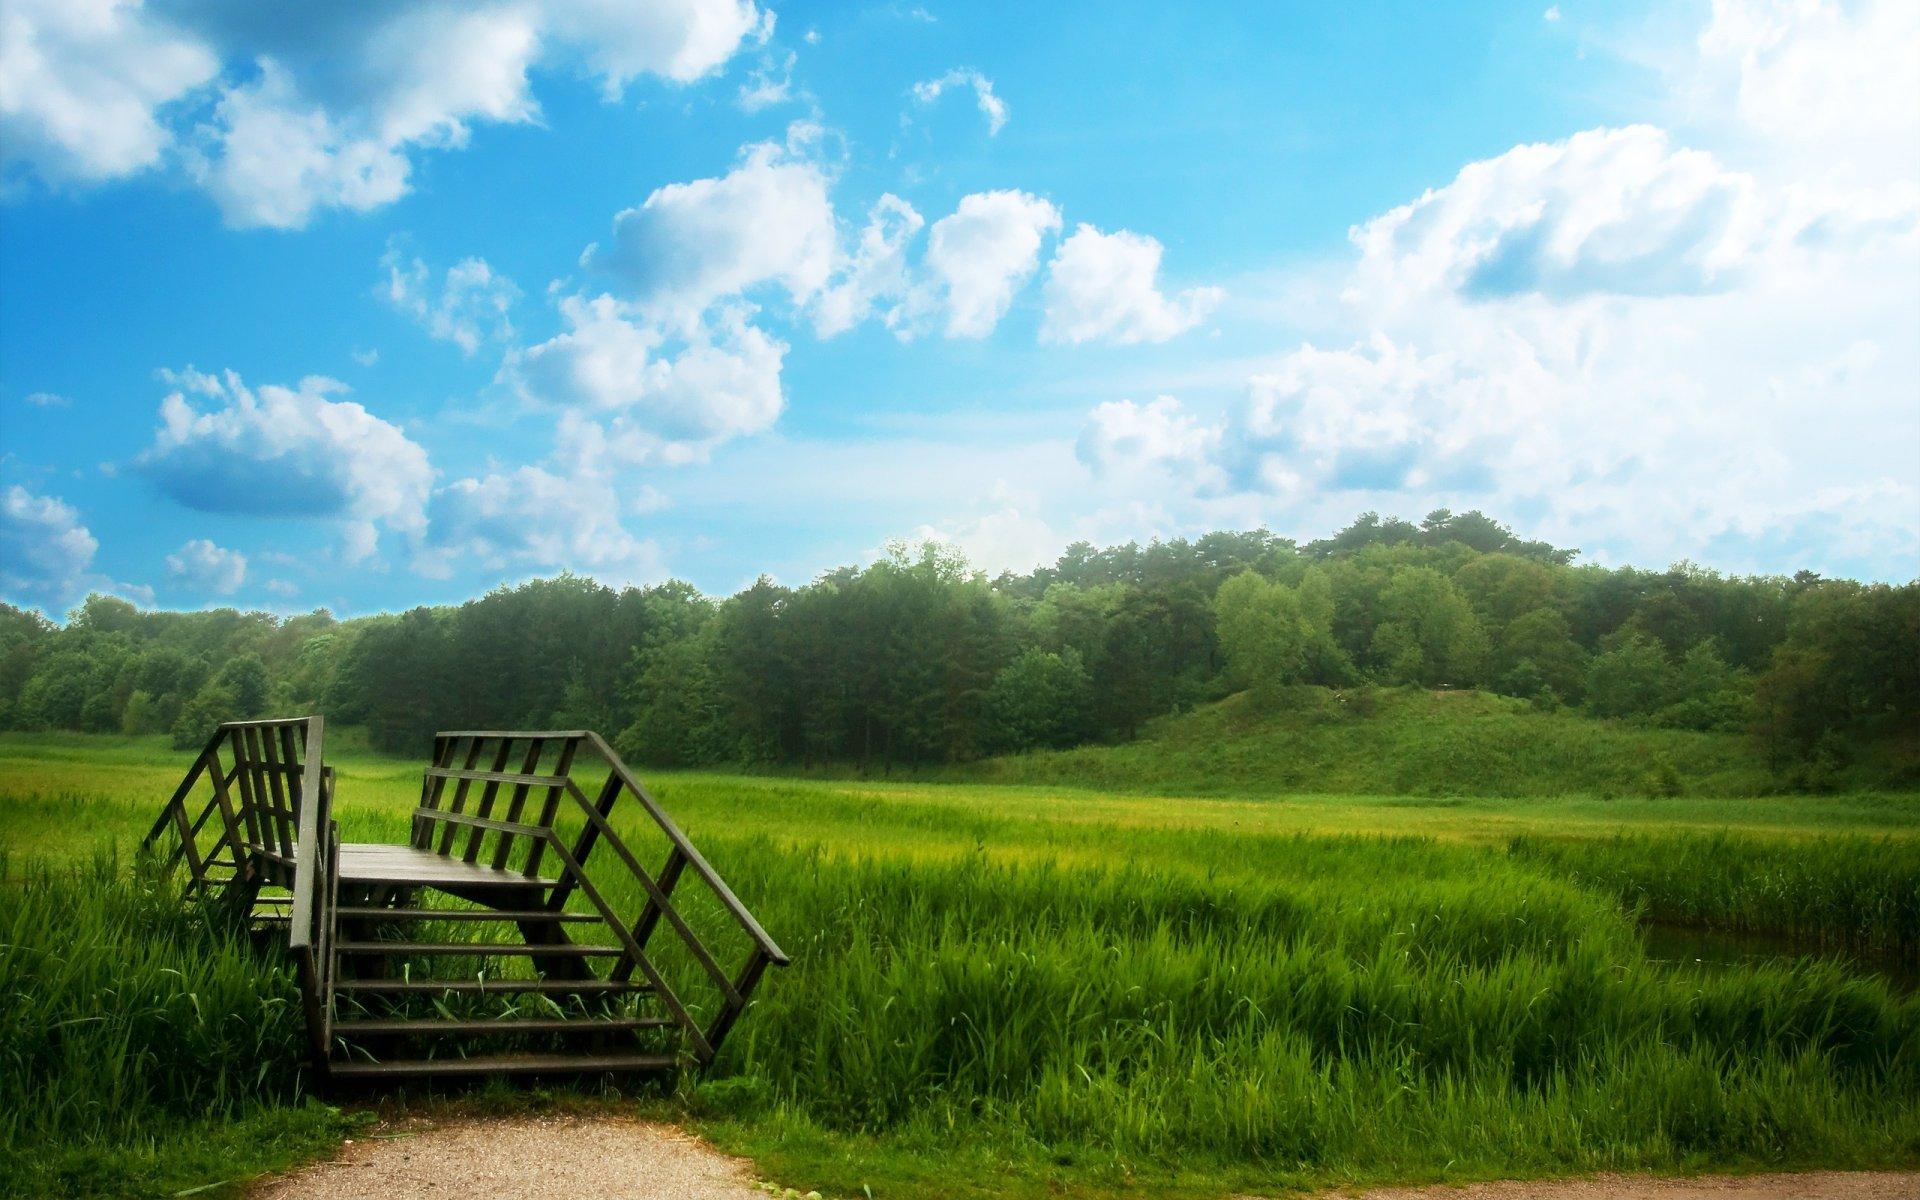 природа деревья трава река мост загрузить